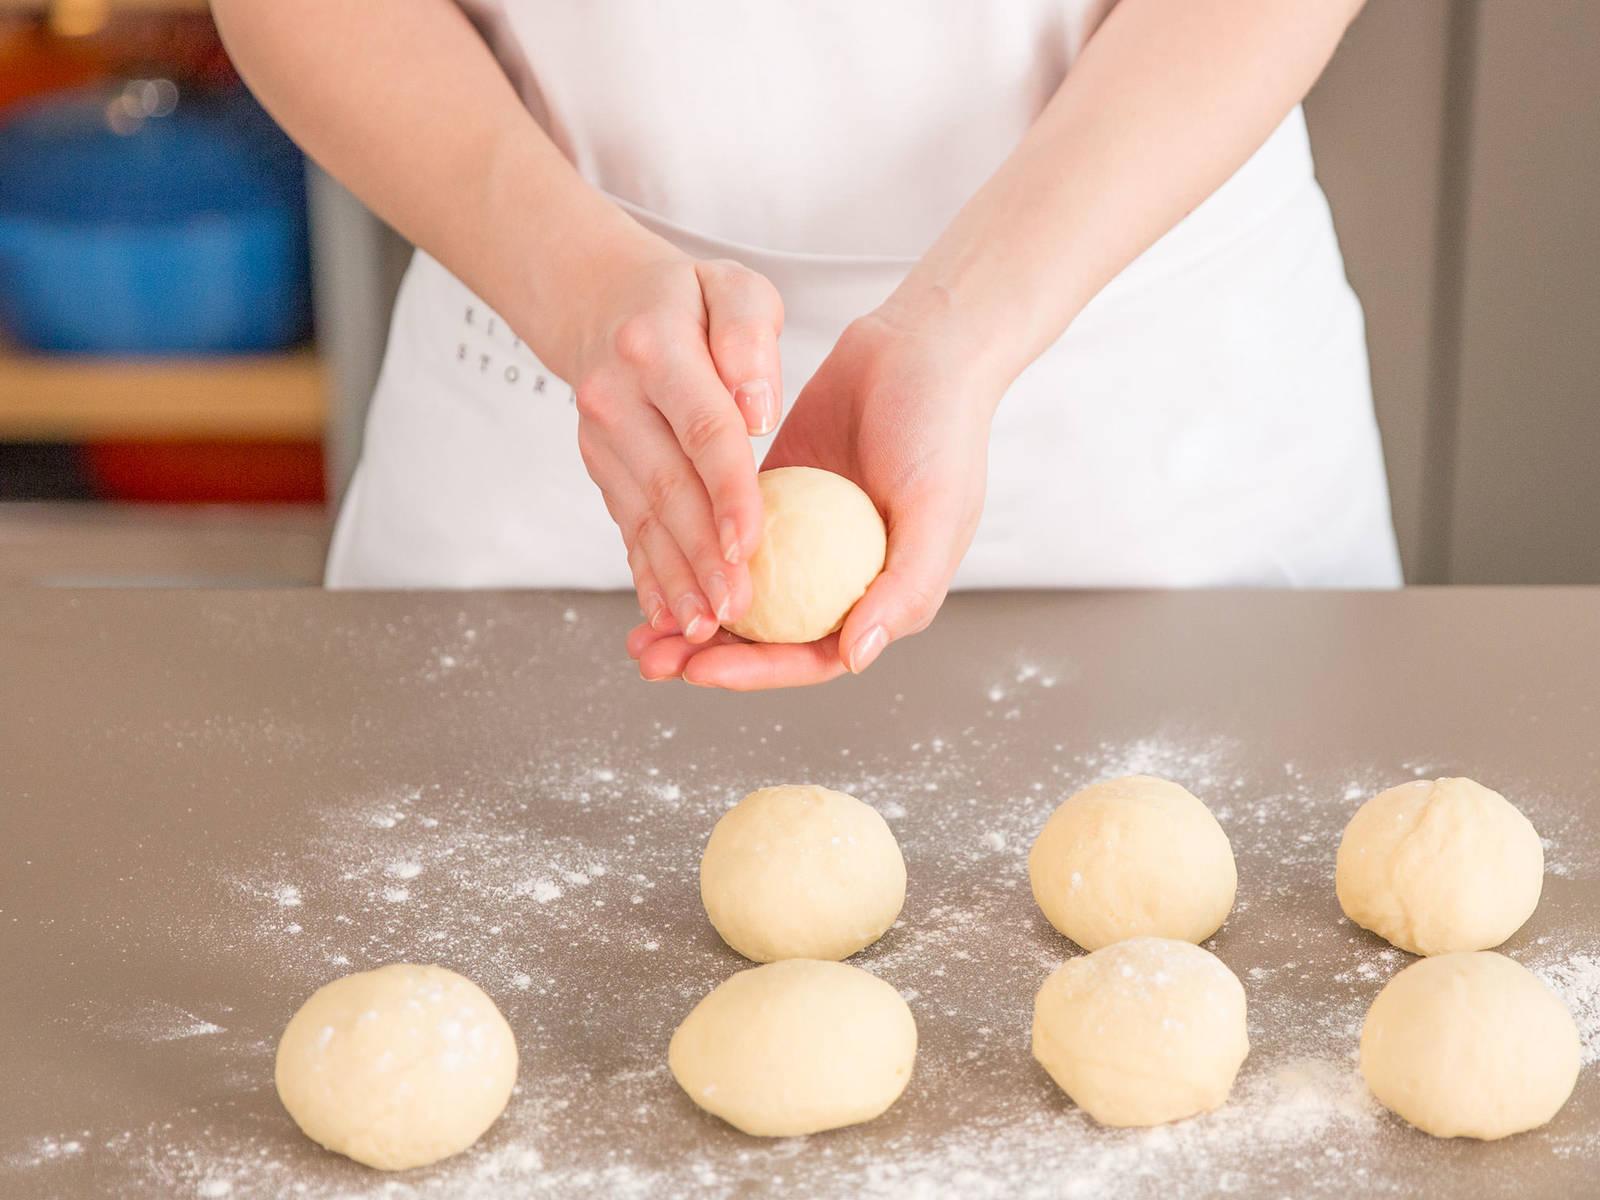 将发酵过的面团置于撒有面粉的工作台上,切半。将面团切成小拳头的大小。将小面团轻柔成球状。加盖,再发酵30分钟。